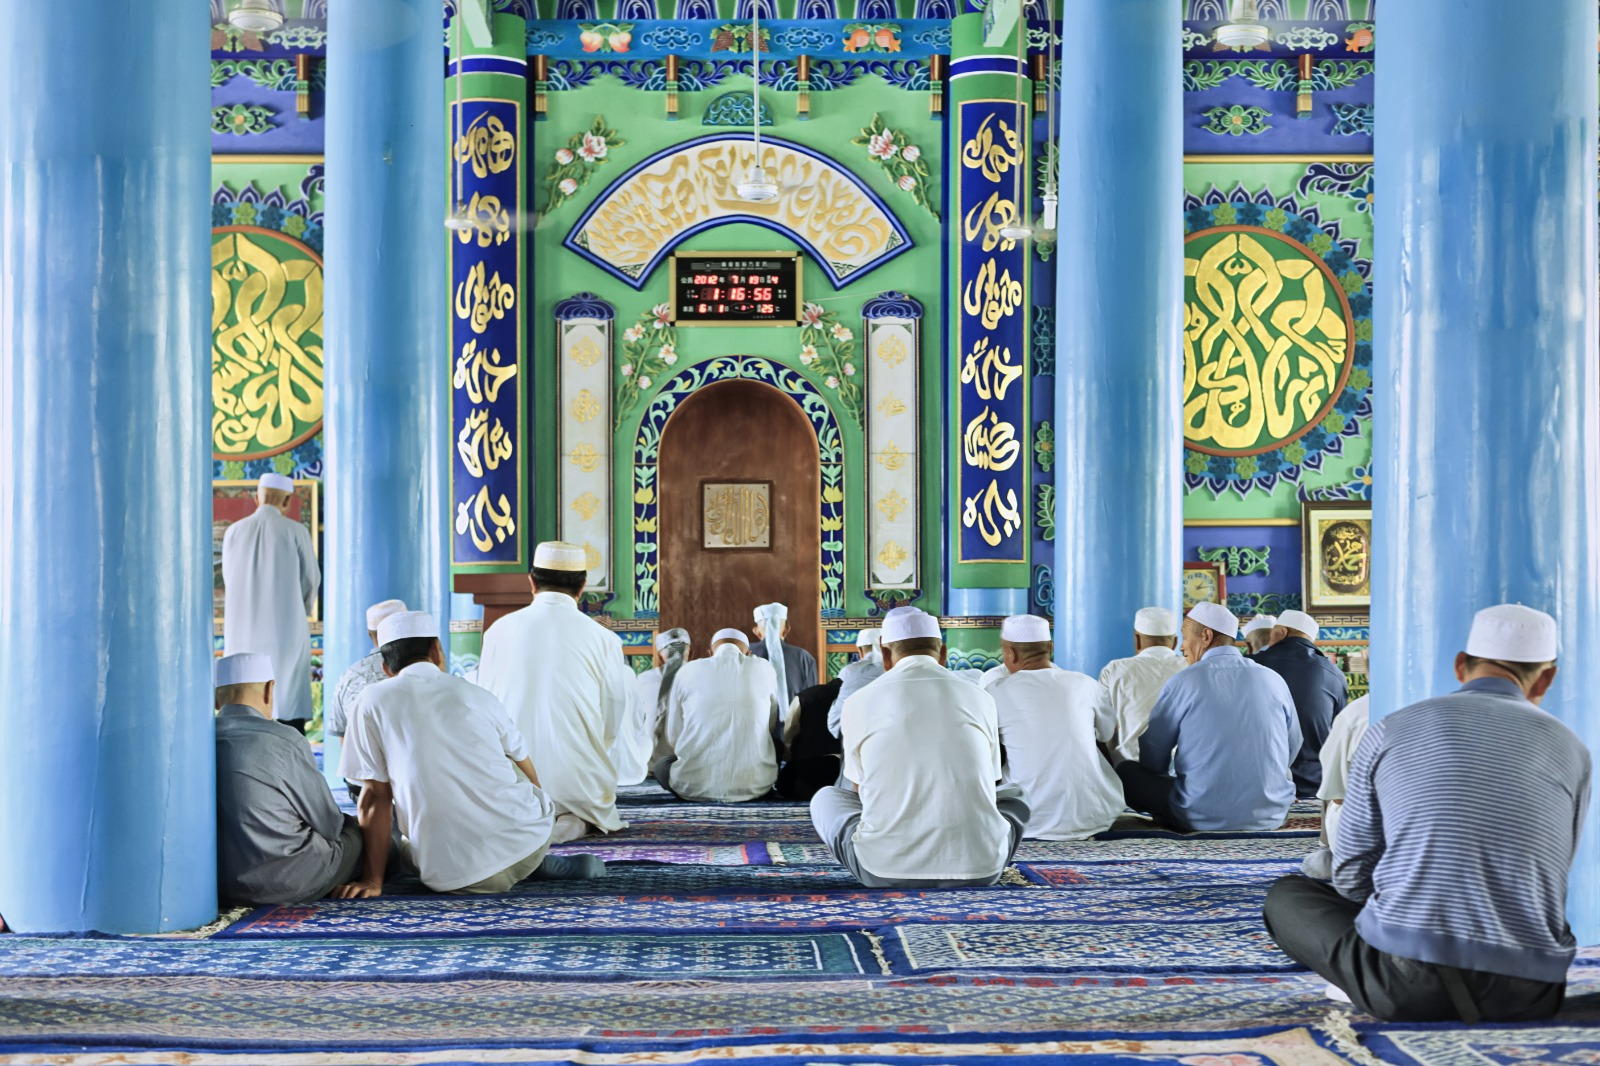 Making Tasleem Along With the Imam In Prayer